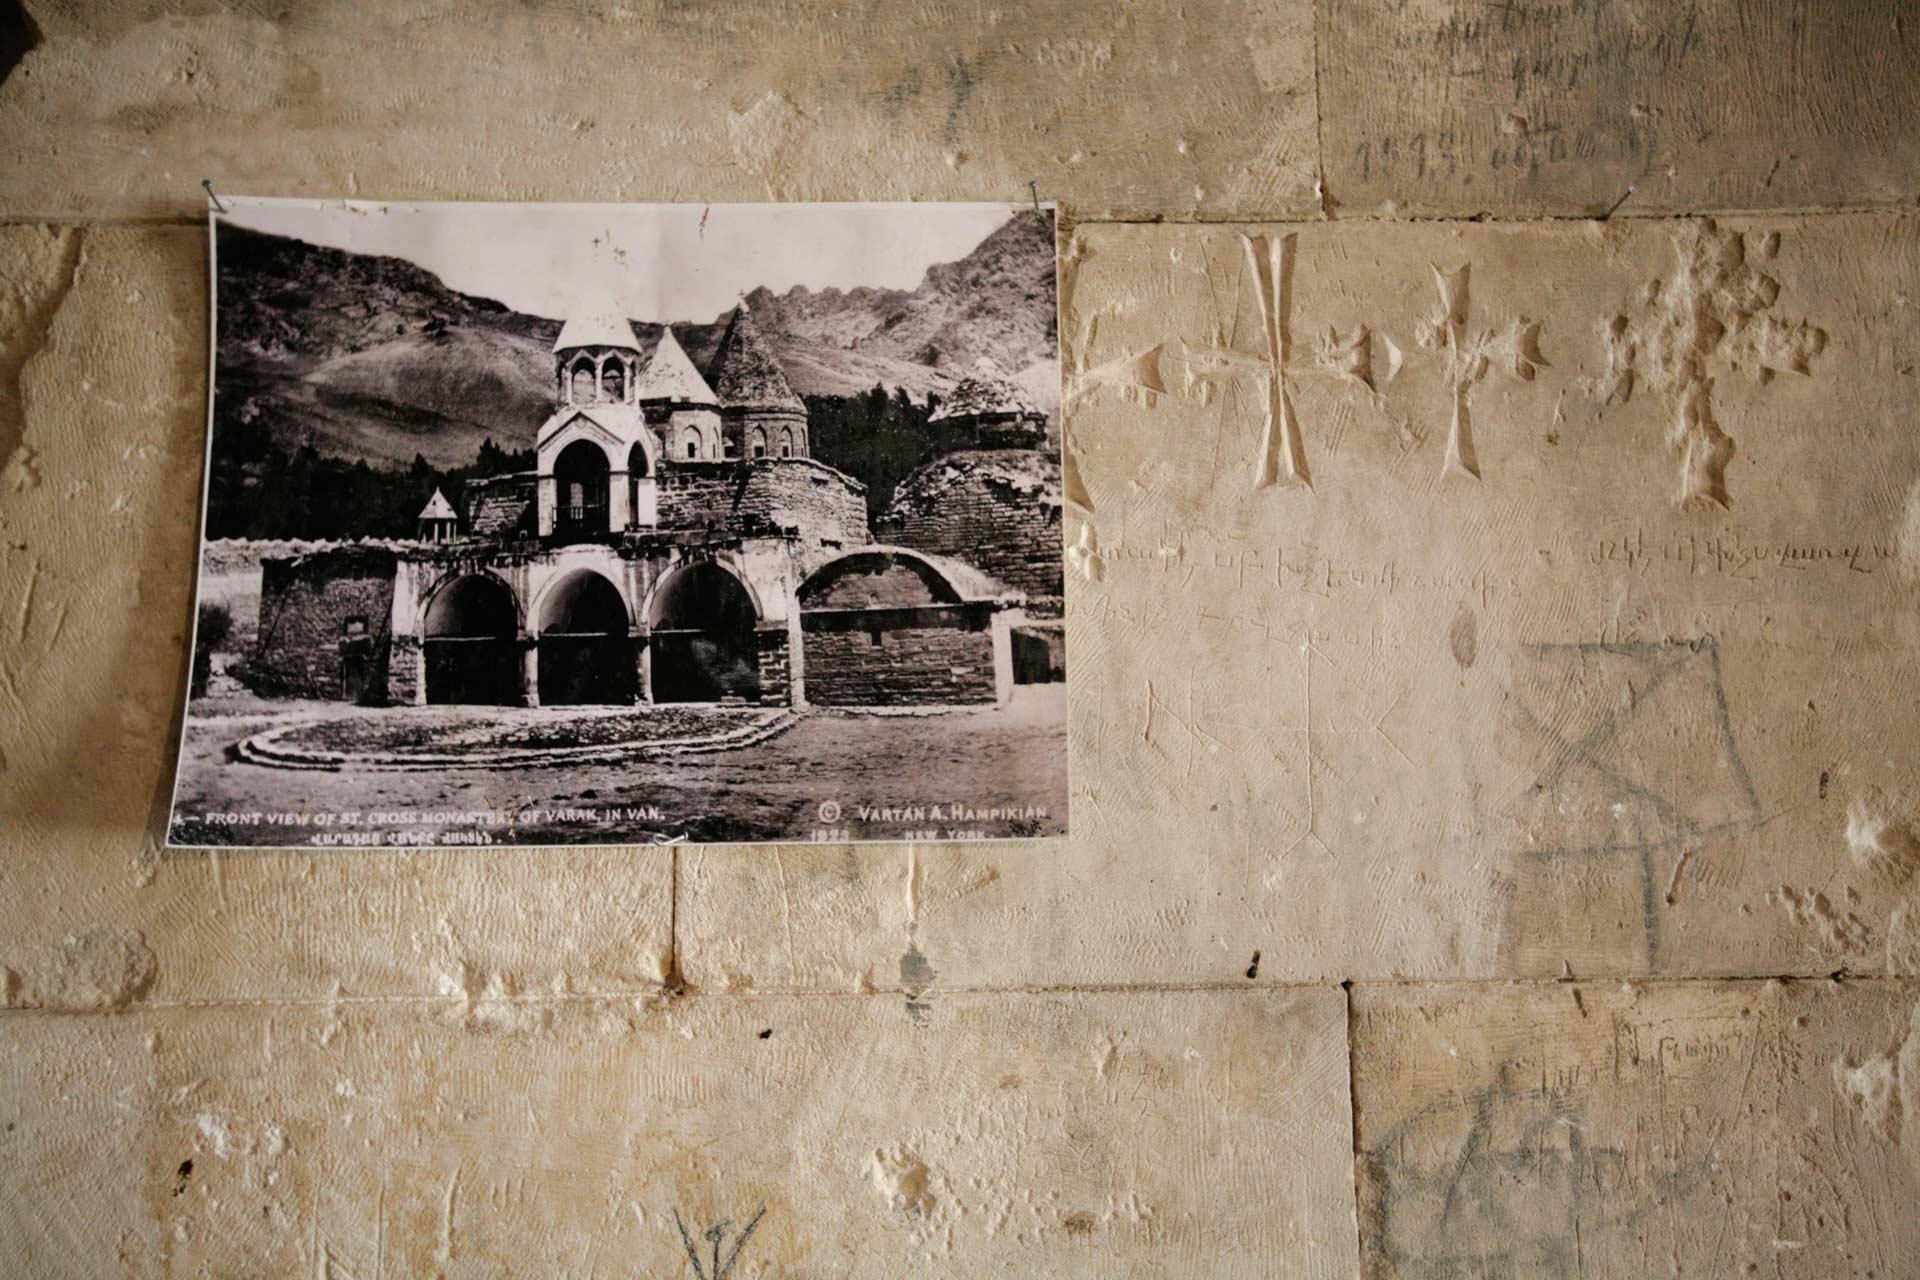 Wie das Kloster einmal aussah, zeigt diese Postkarte an einer Klostermauer. Bei einem Erdbeben im Jahr 2011 wurde das vordere Säulenportal des Klosters zerstört.